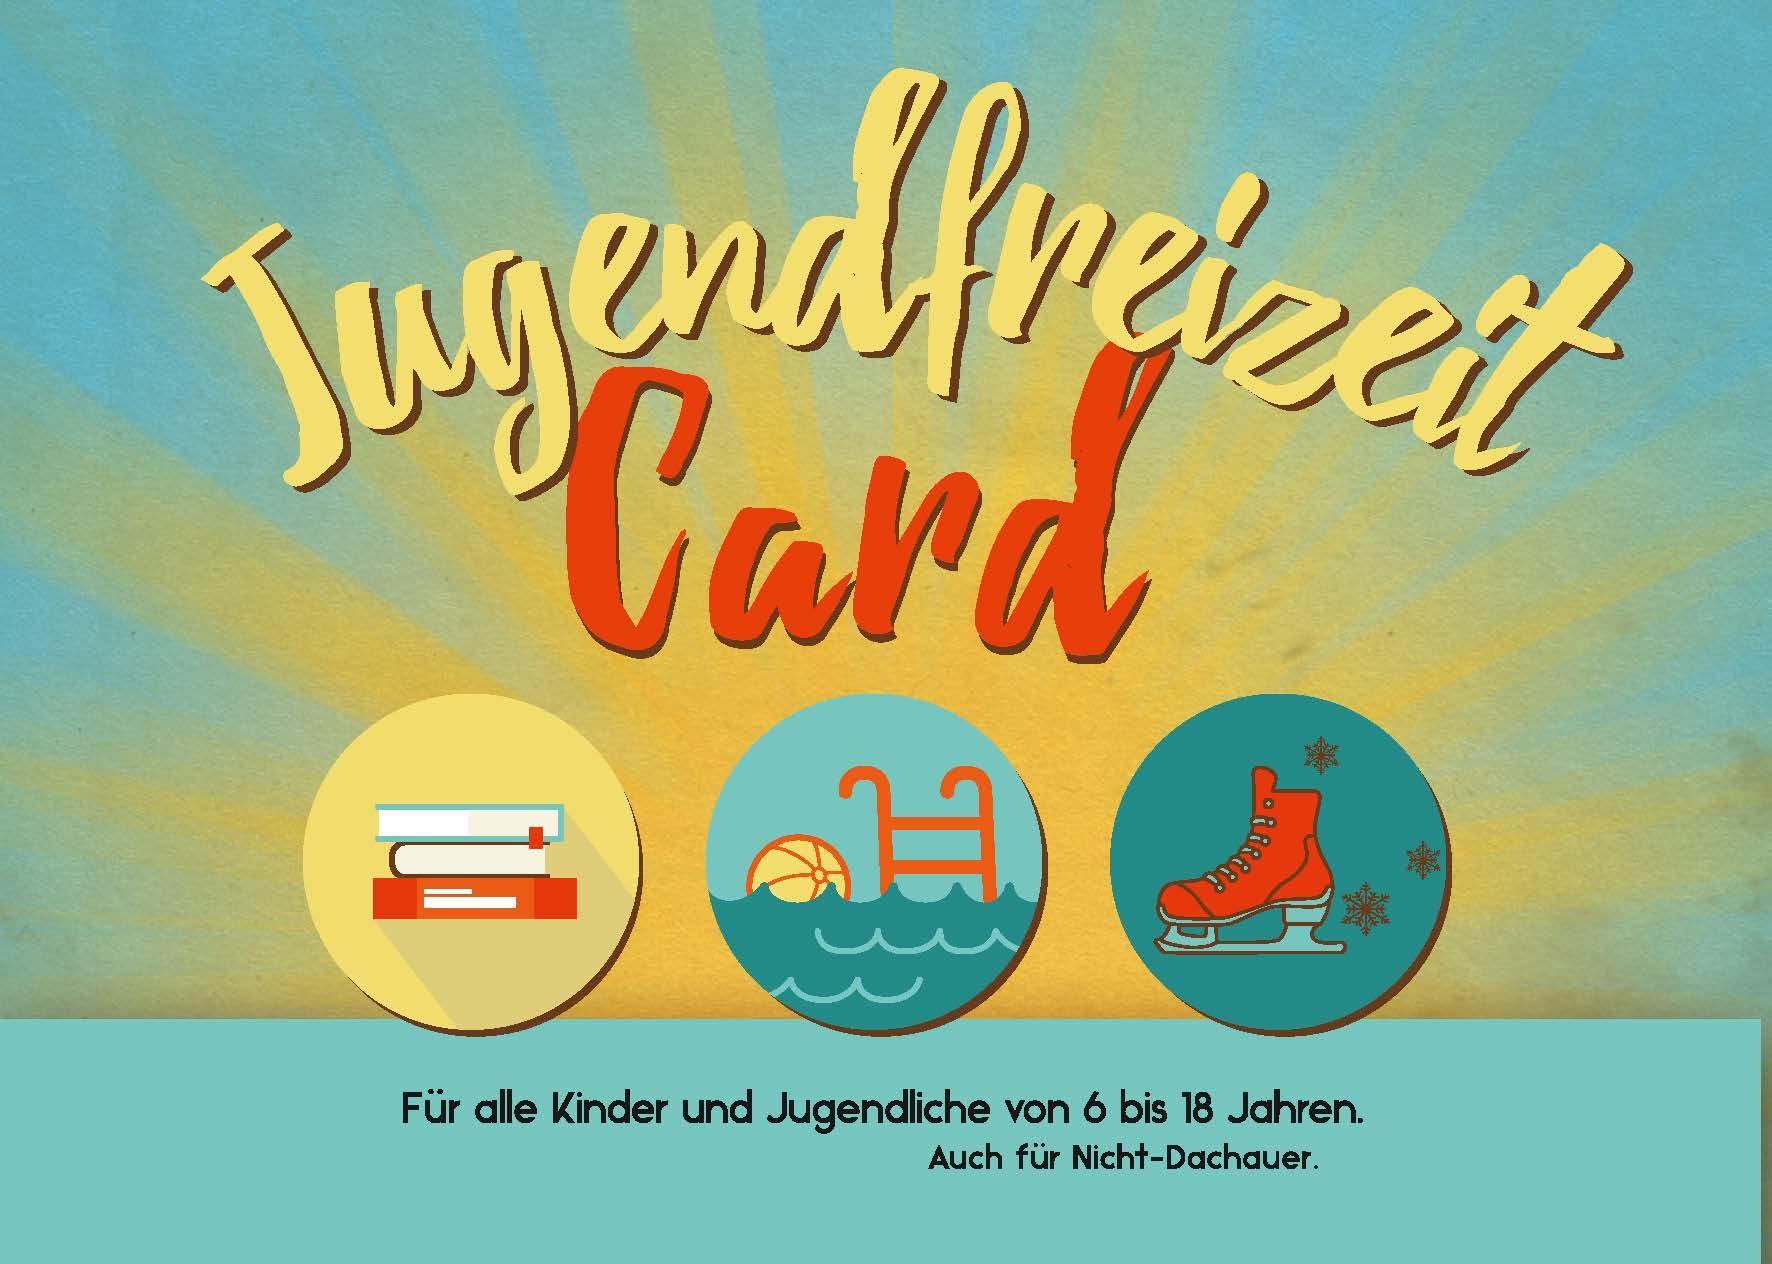 Jugendfreizeitcard für 6 - 18 Jährige